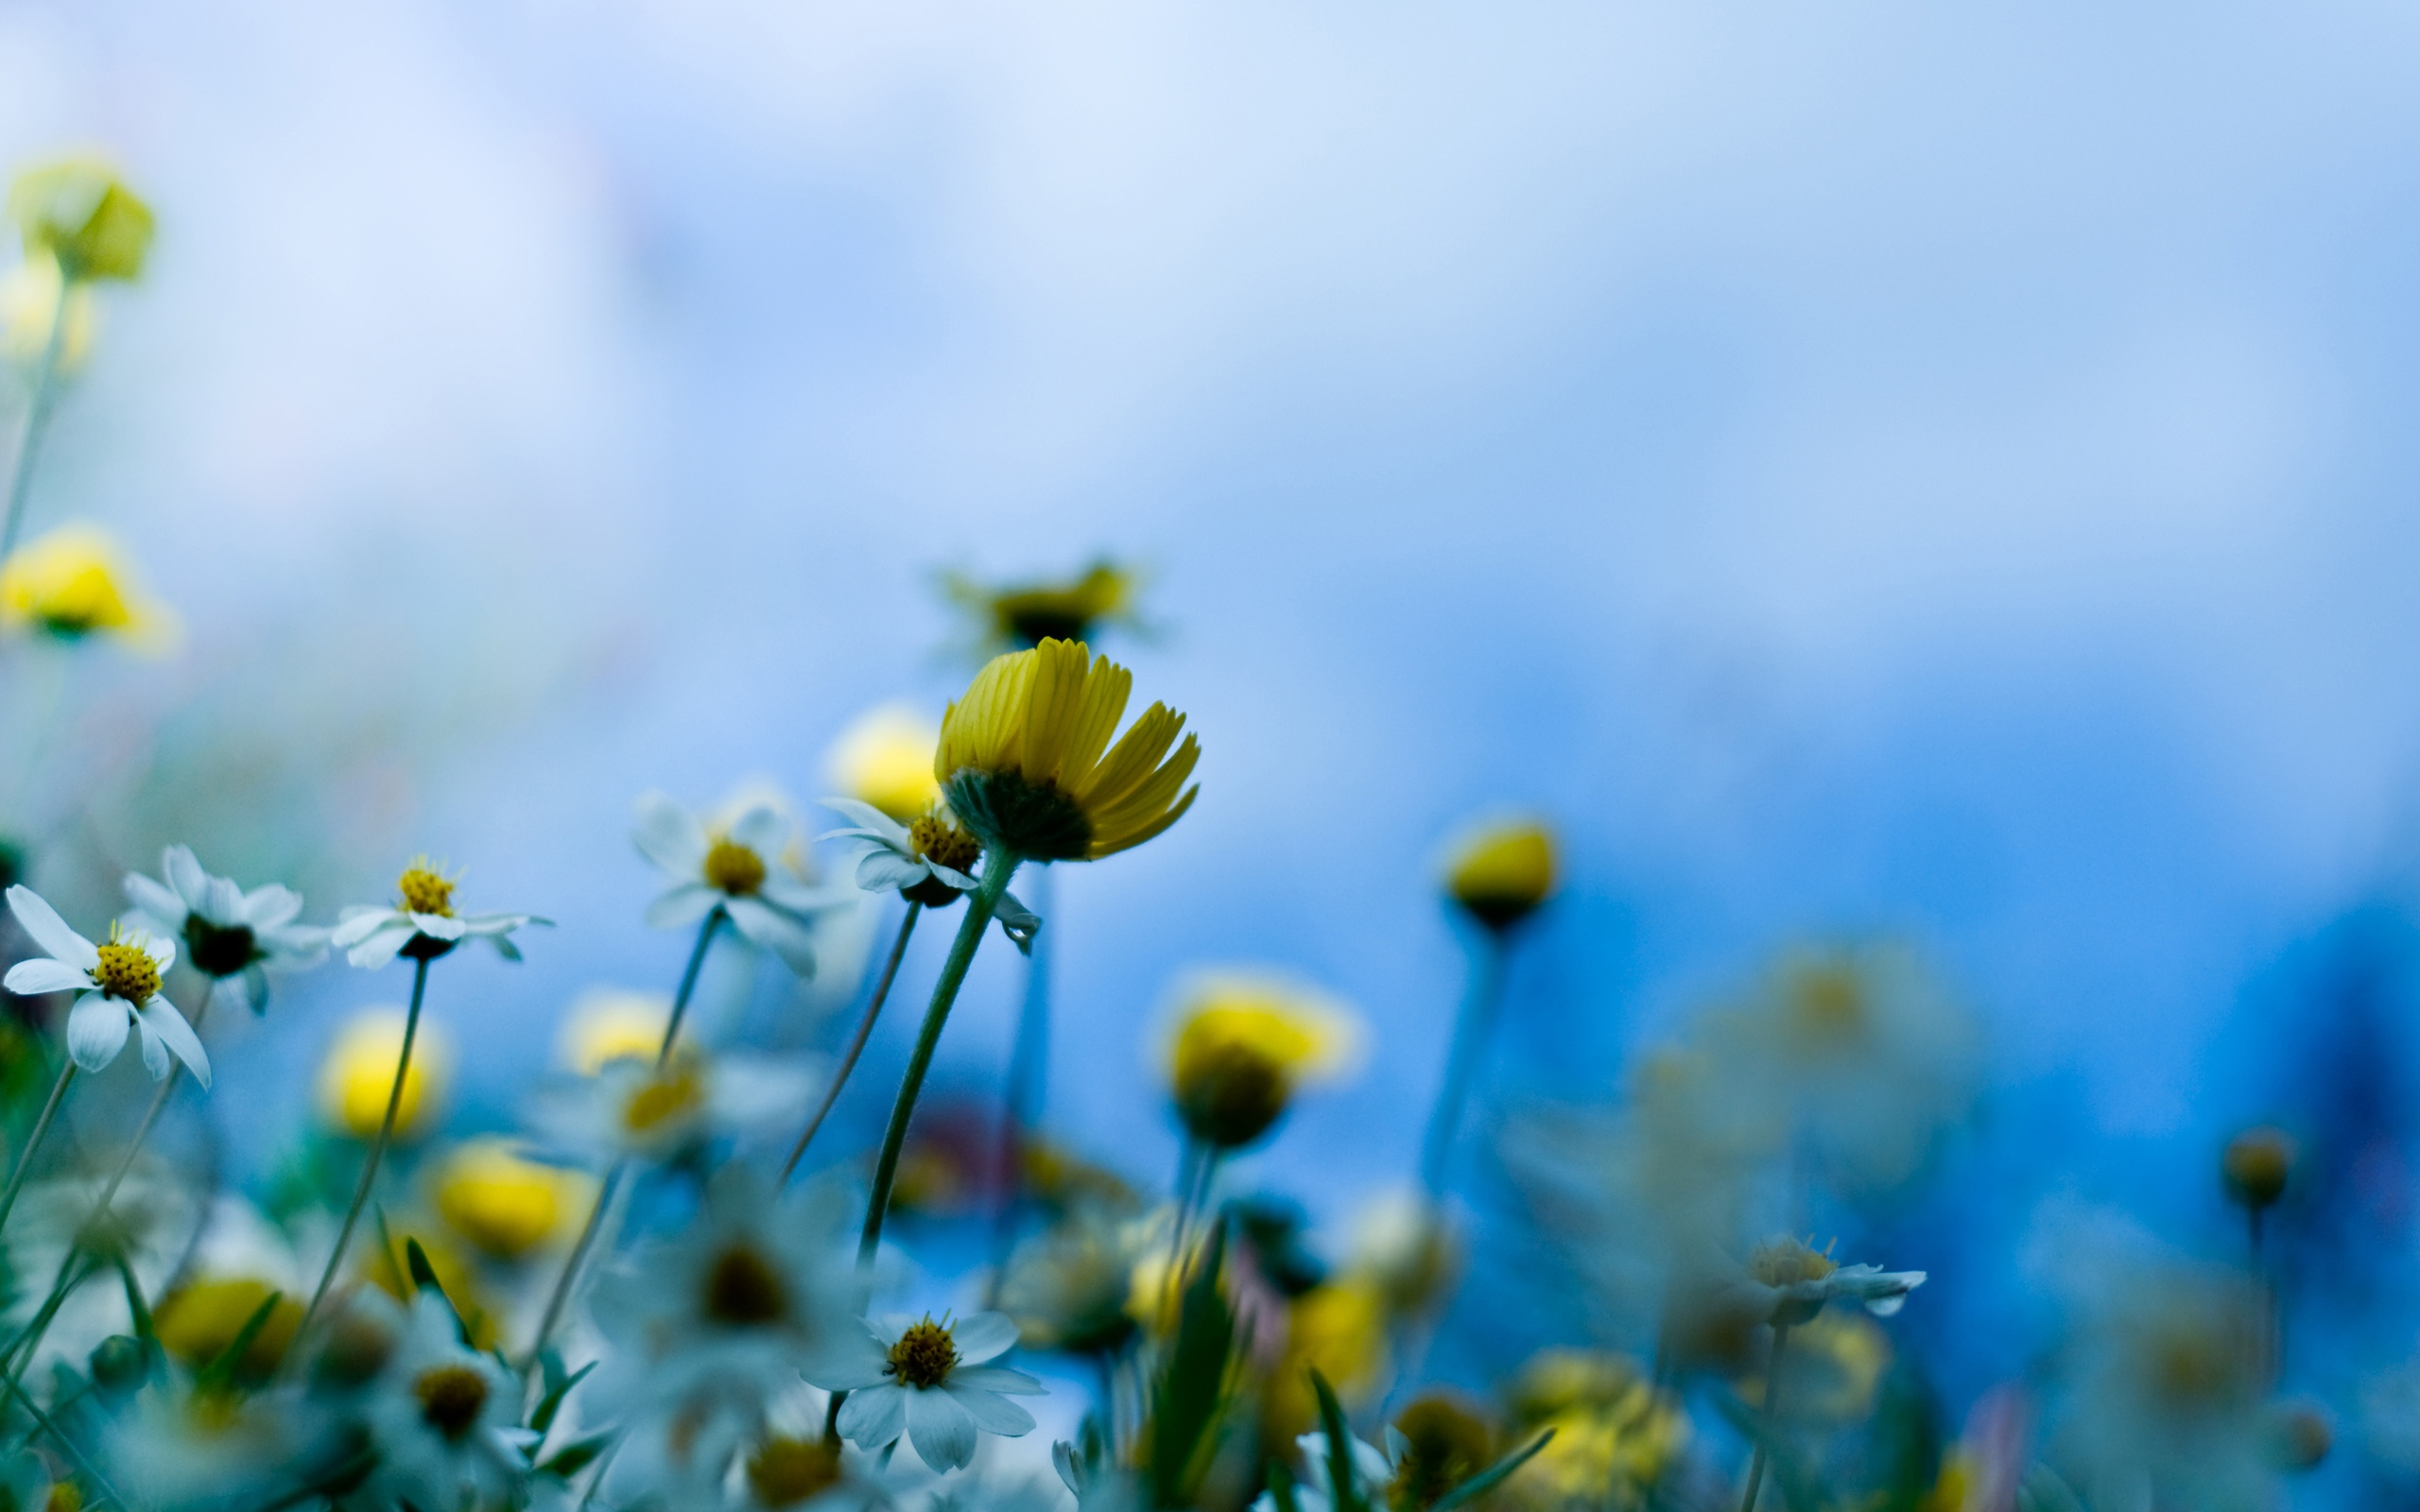 Papéis De Parede Fundo Azul De Flores Amarelas 2560x1600